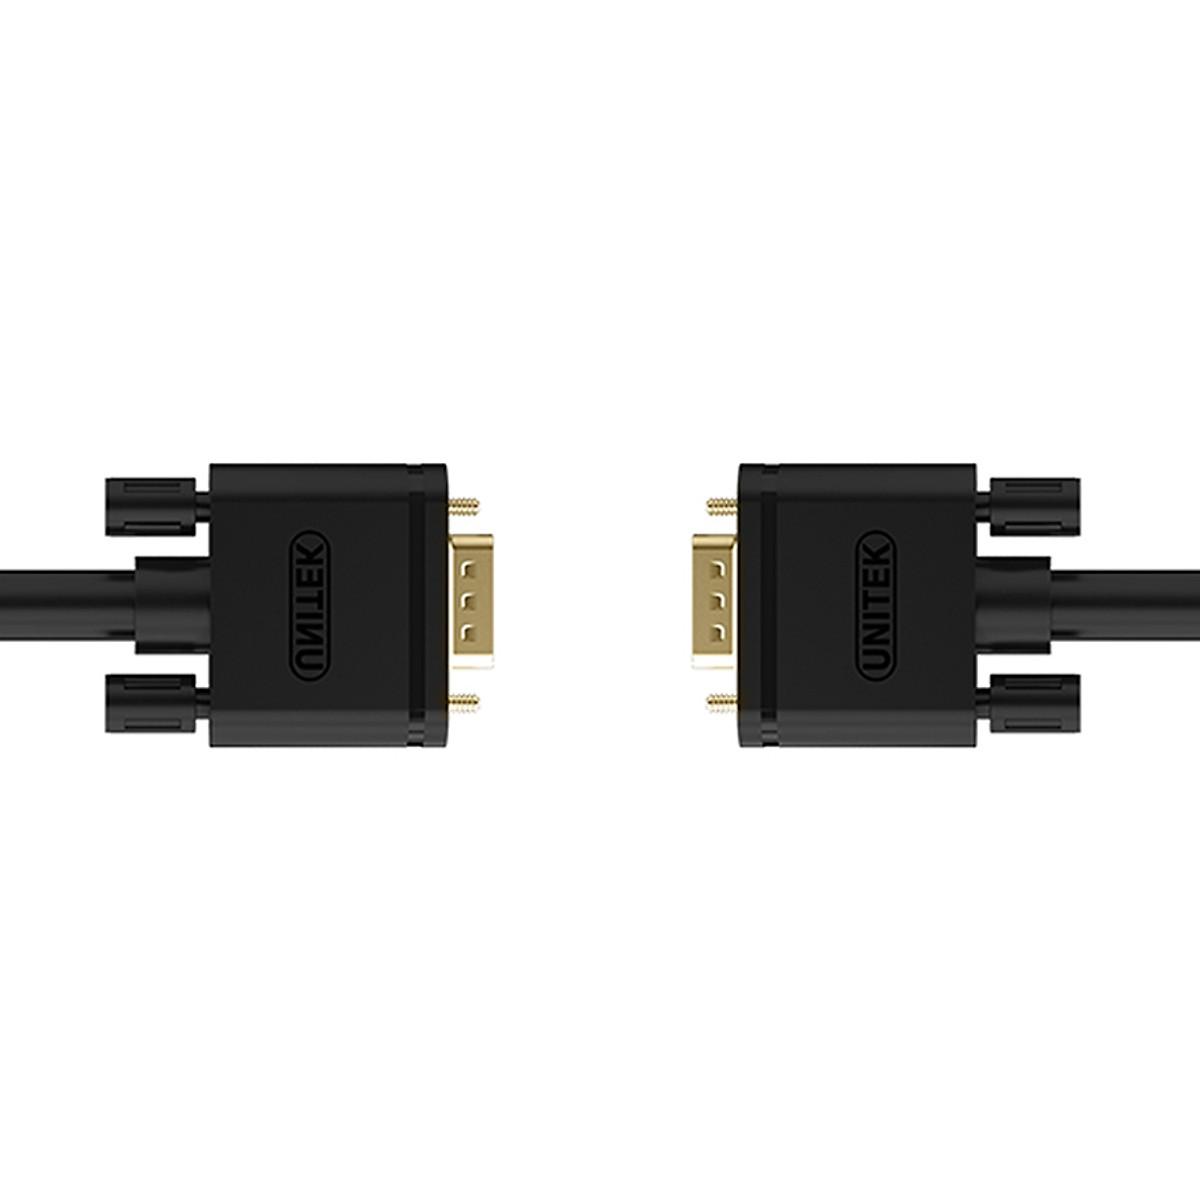 Cáp VGA ra VGA 3m Unitek - Cáp Máy Chiếu - Hàng Chính Hãng